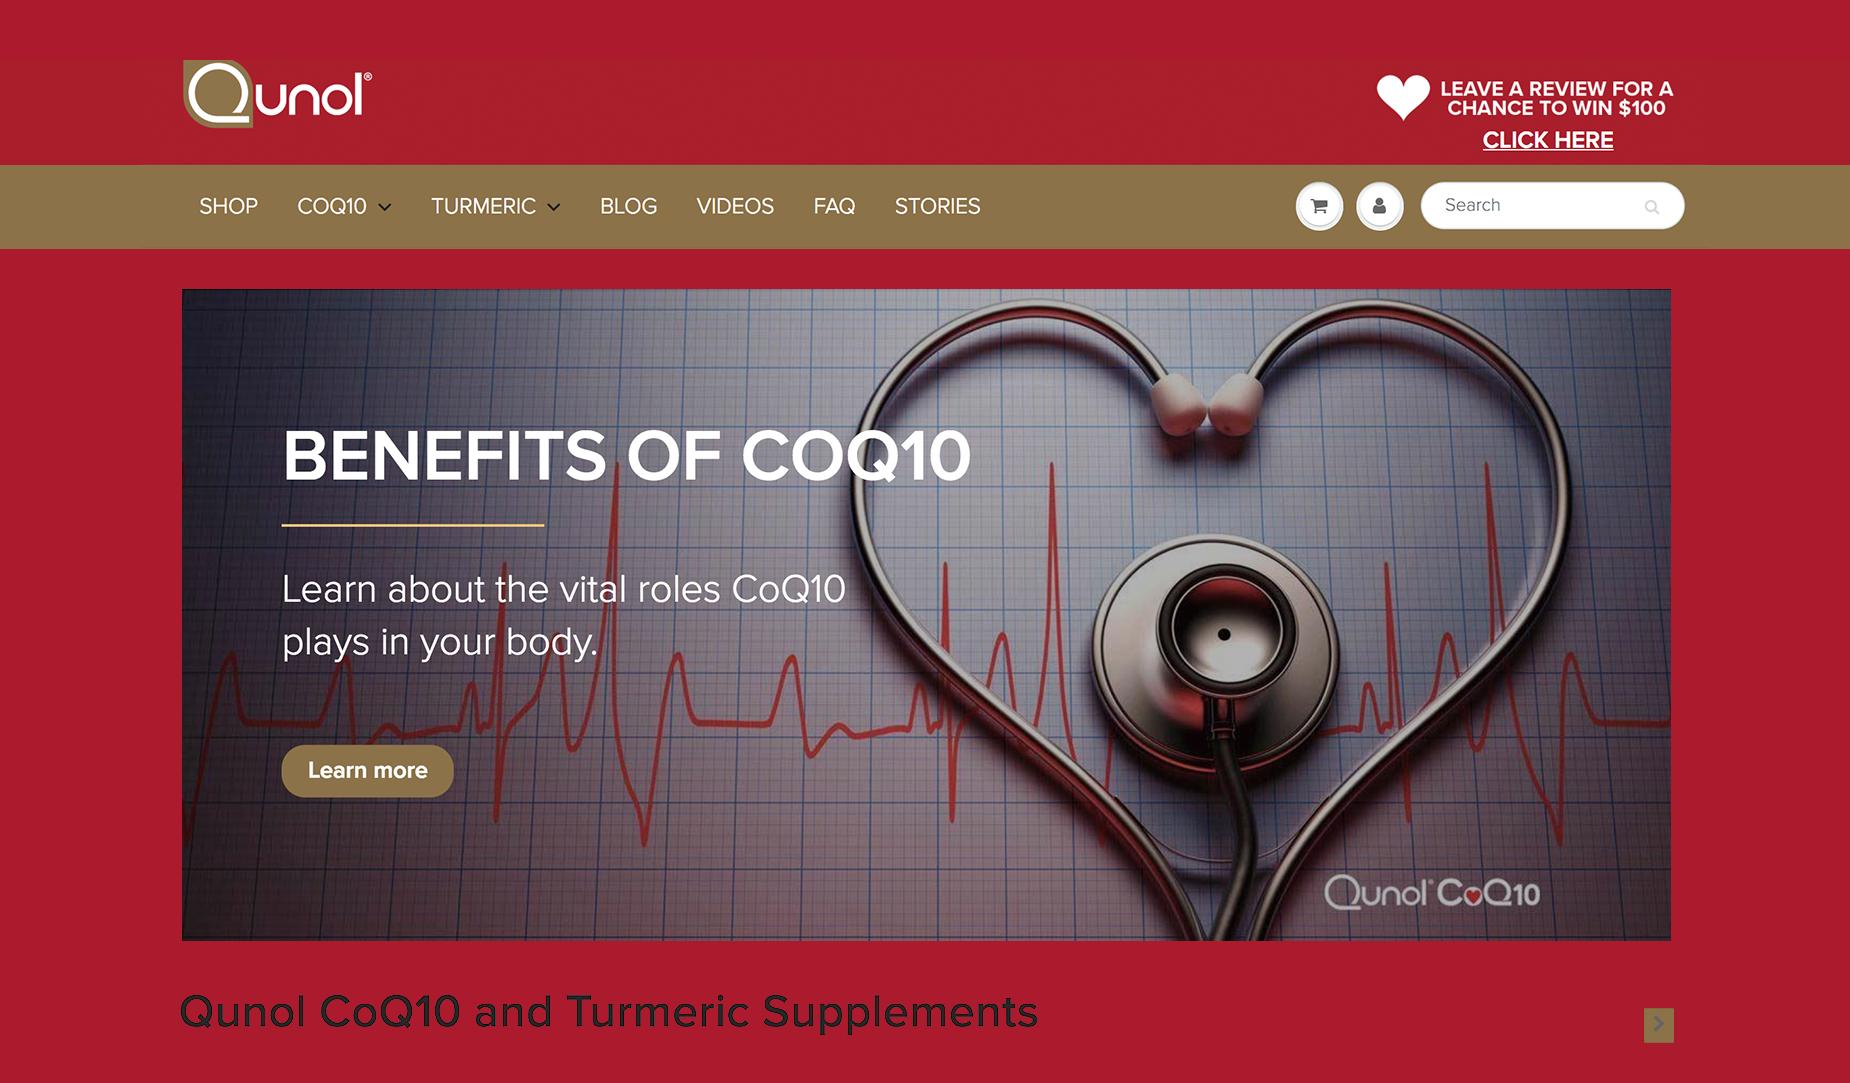 Qunol - Website Redesign